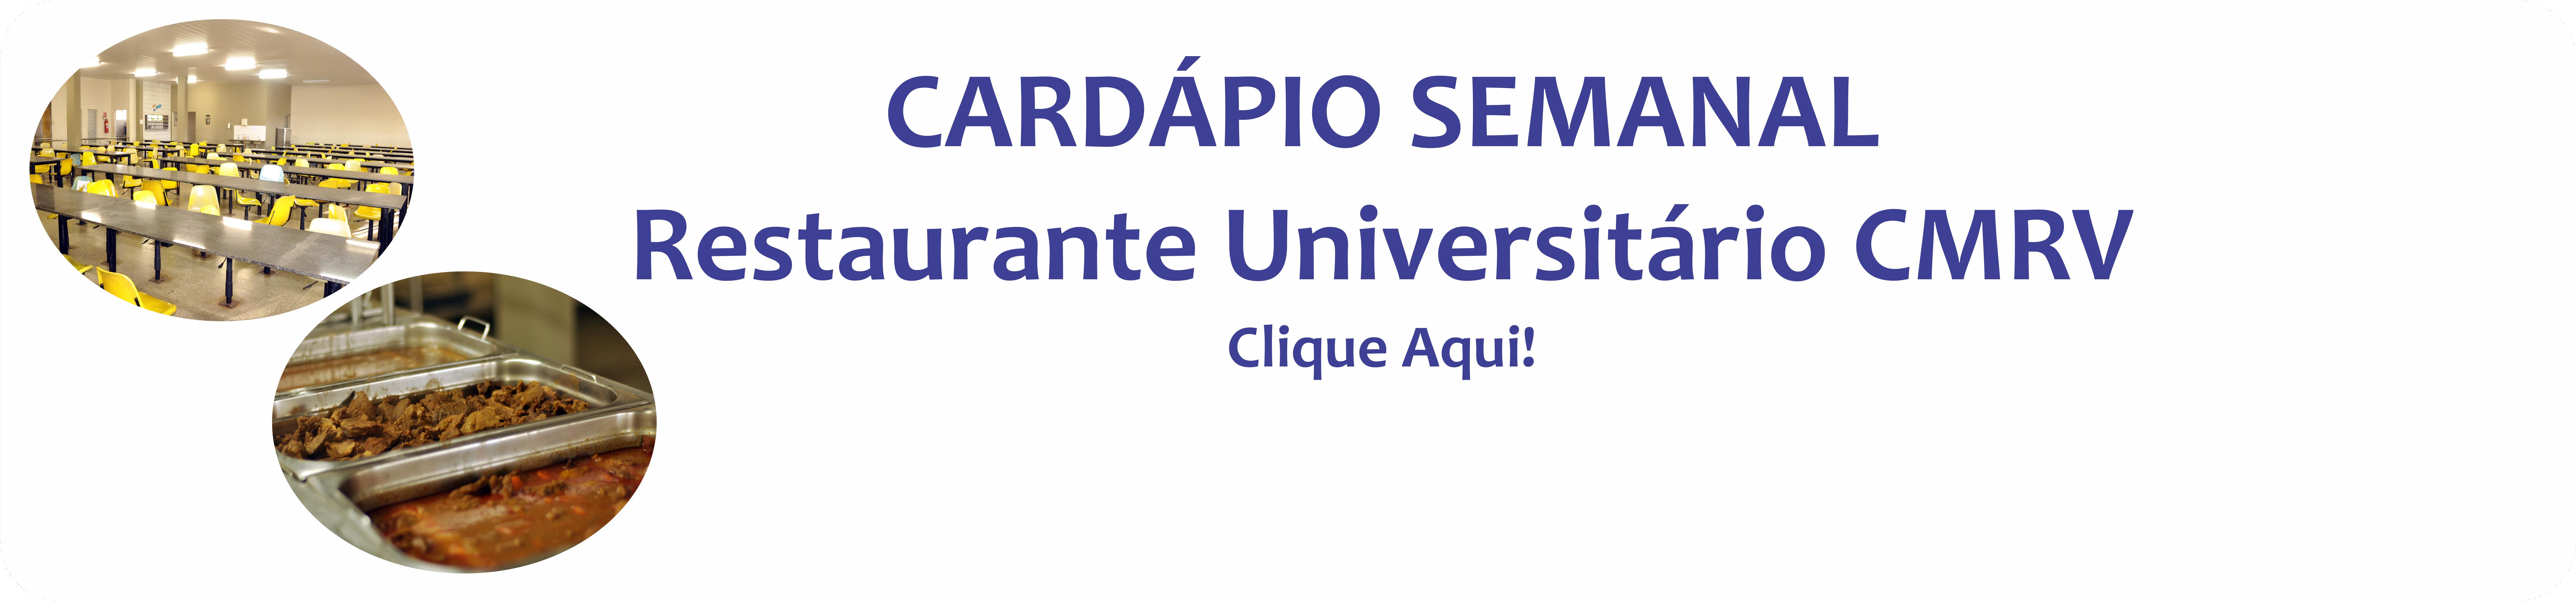 Cardápio RU CMRV